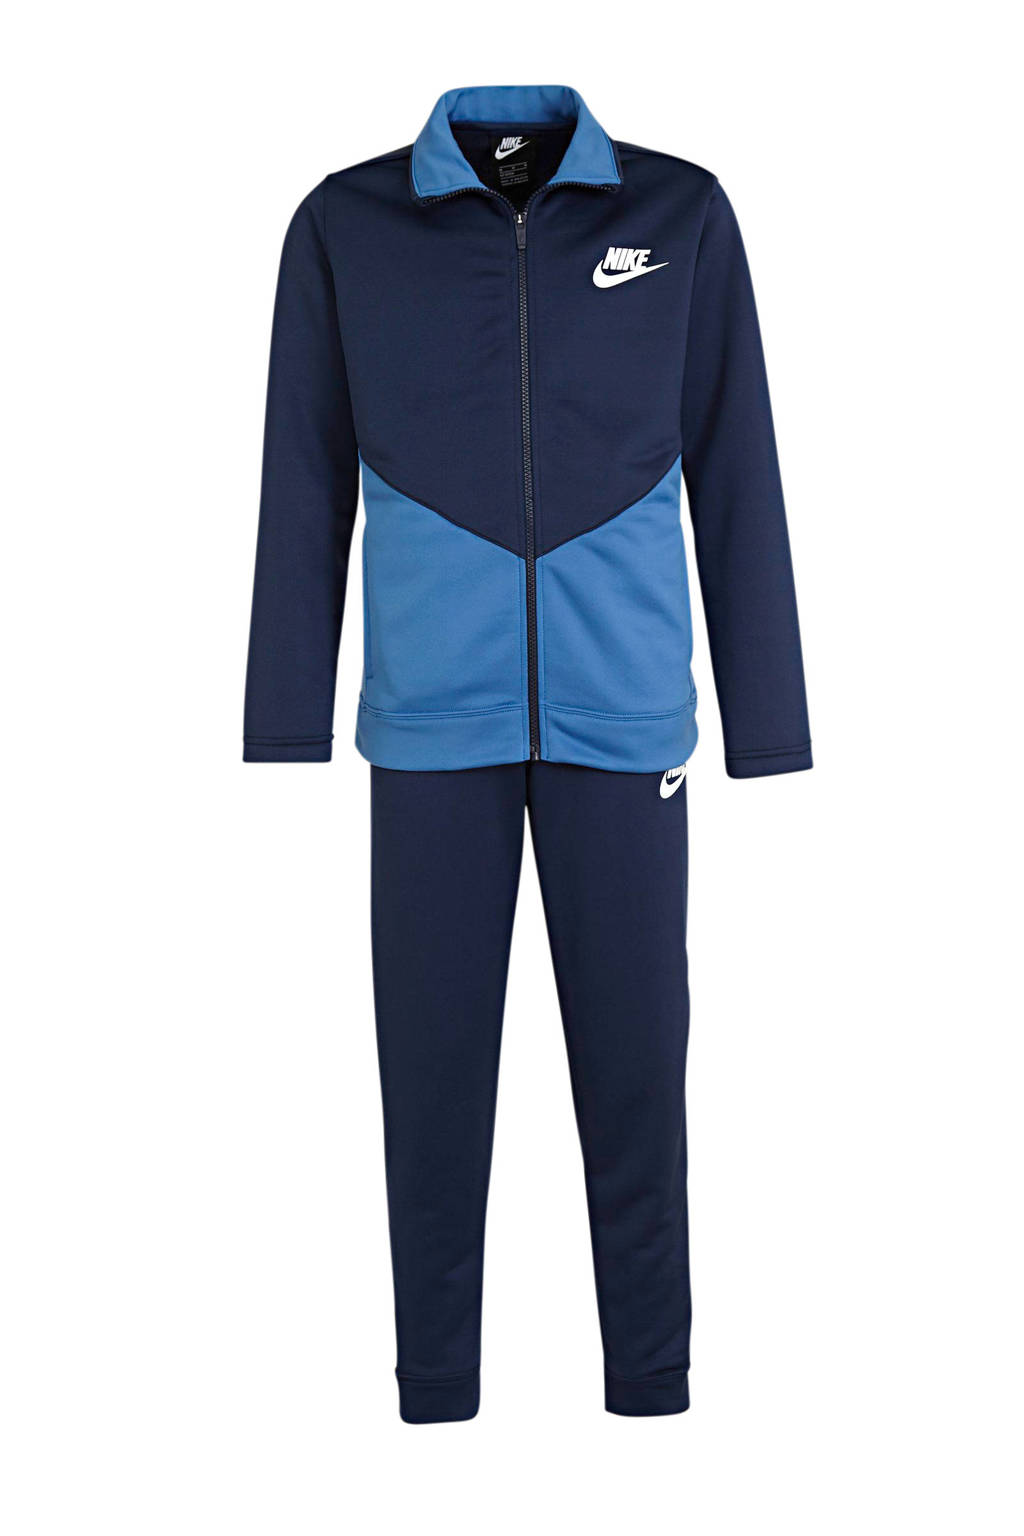 Nike   trainingspak donkerblauw/blauw, Donkerblauw/blauw/wit